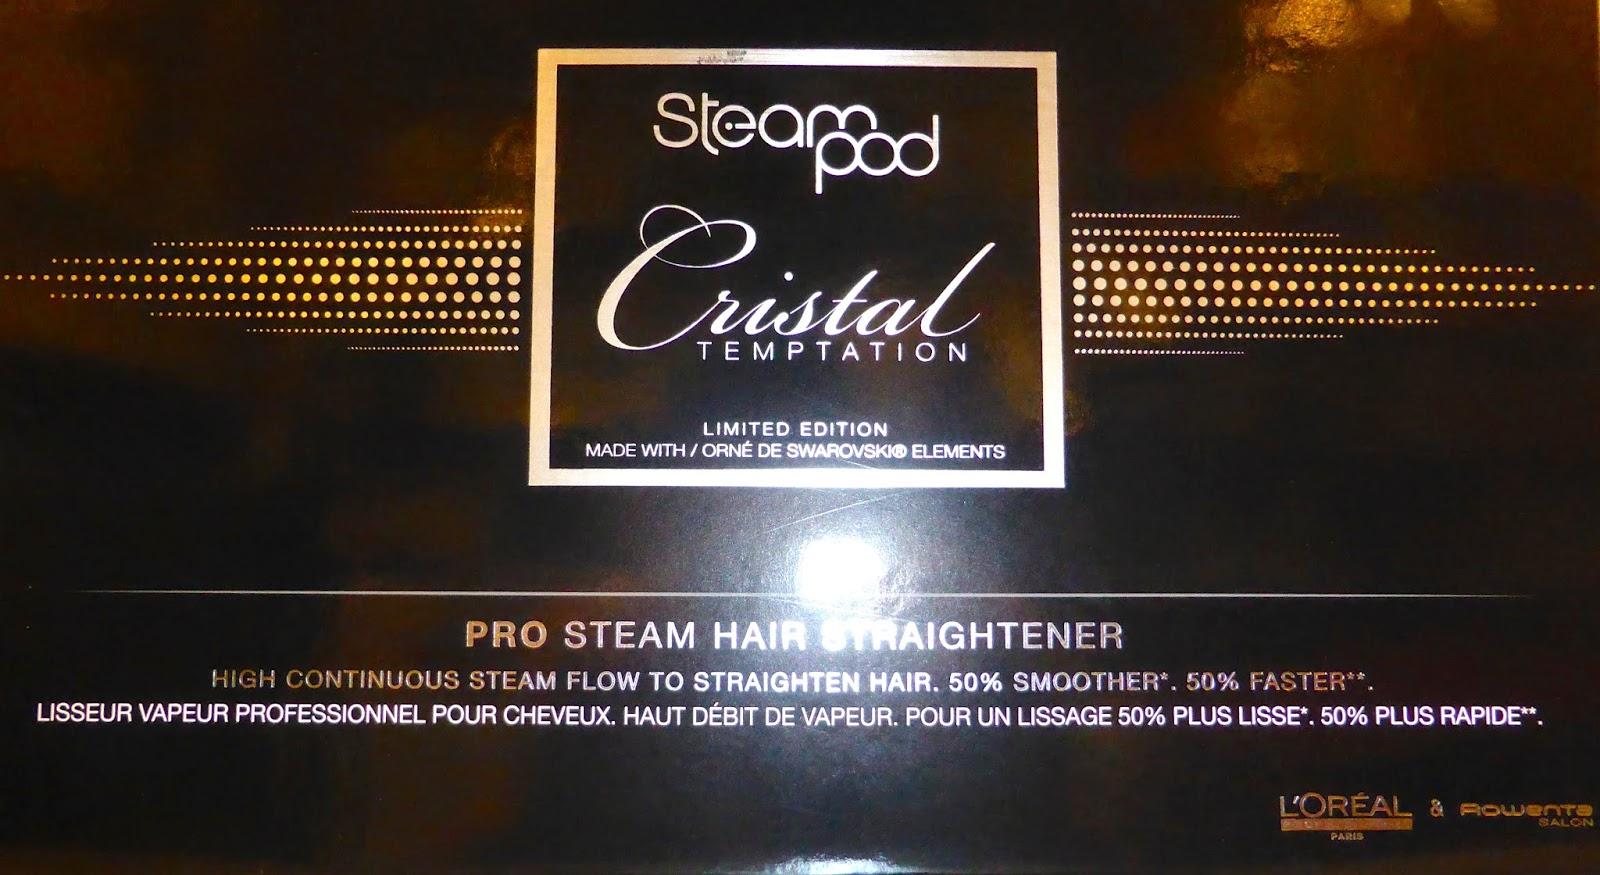 Voici le coffret du Steampod SWAROVSKI en édition limitée,  disponible au Studio 54, salon de coiffure à Montpellier.